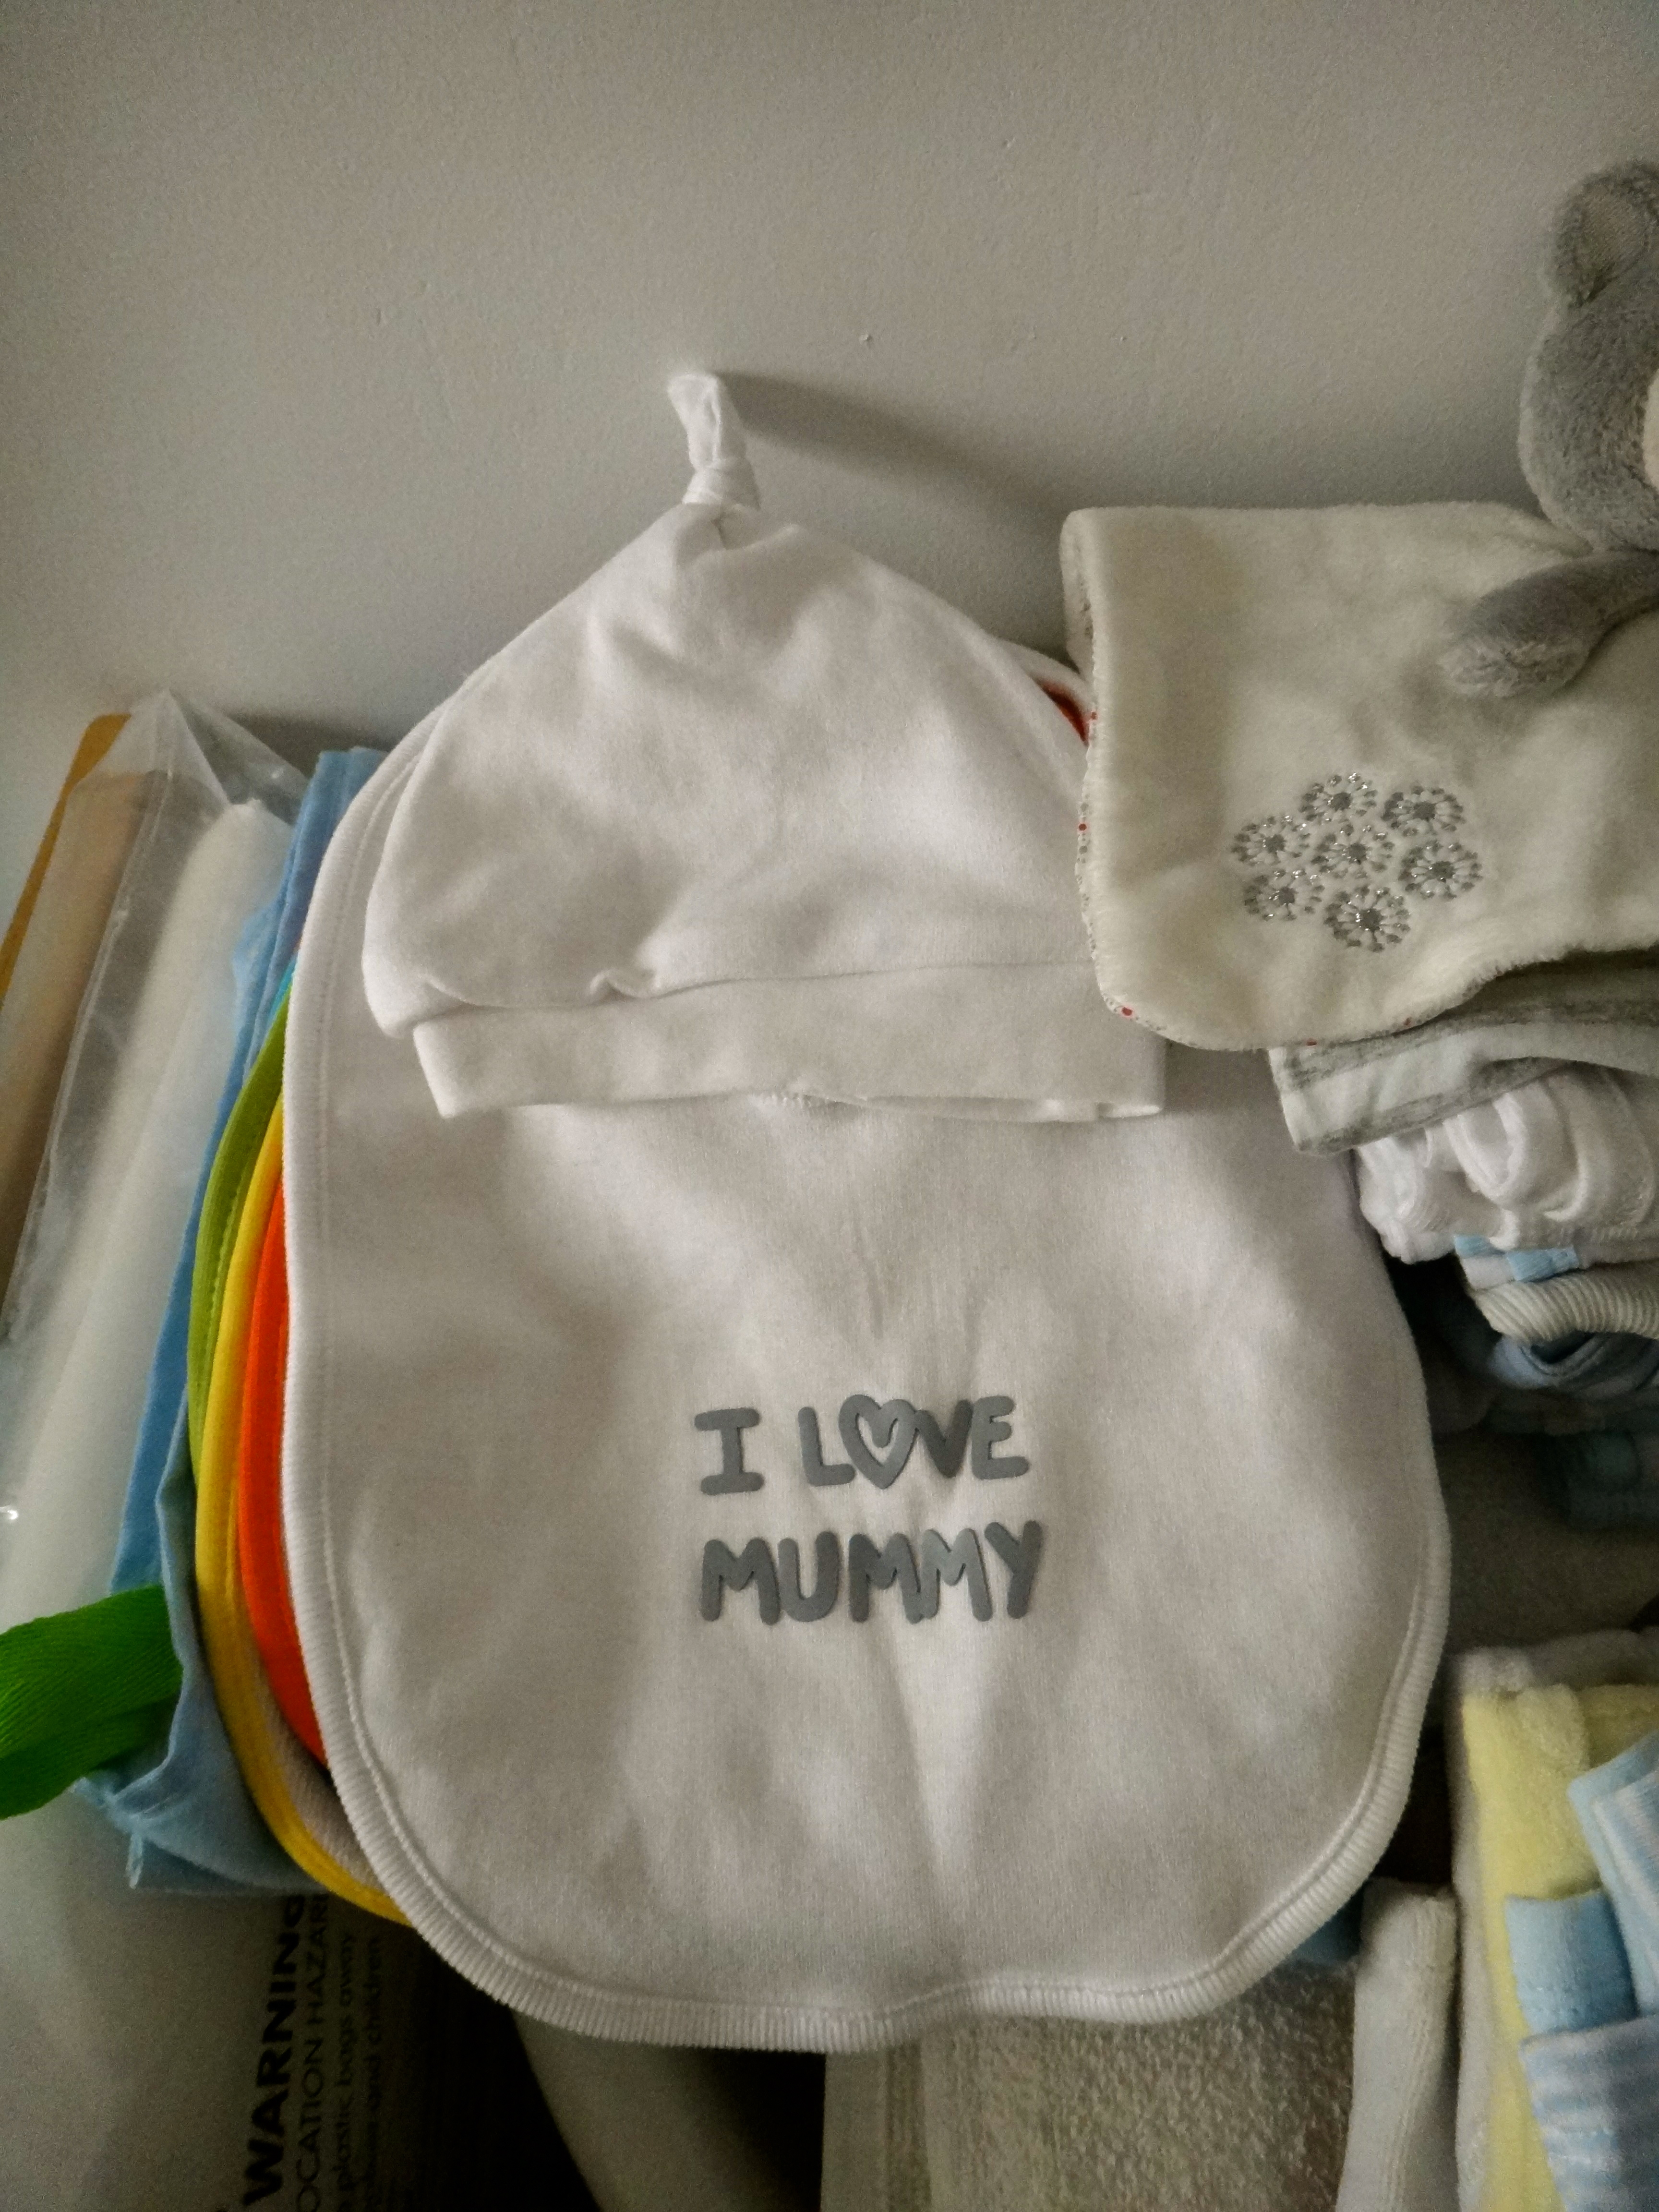 ♡ Préparer la valise pour la maternité c'est pas si compliqué ?  ♡ Préparer la valise pour la maternité c'est pas si compliqué ?  ♡ Préparer la valise pour la maternité c'est pas si compliqué ?  ♡ Préparer la valise pour la maternité c'est pas si compliqué ?  ♡ Préparer la valise pour la maternité c'est pas si compliqué ?  ♡ Préparer la valise pour la maternité c'est pas si compliqué ?  ♡ Préparer la valise pour la maternité c'est pas si compliqué ?  ♡ Préparer la valise pour la maternité c'est pas si compliqué ?  ♡ Préparer la valise pour la maternité c'est pas si compliqué ?  ♡ Préparer la valise pour la maternité c'est pas si compliqué ?